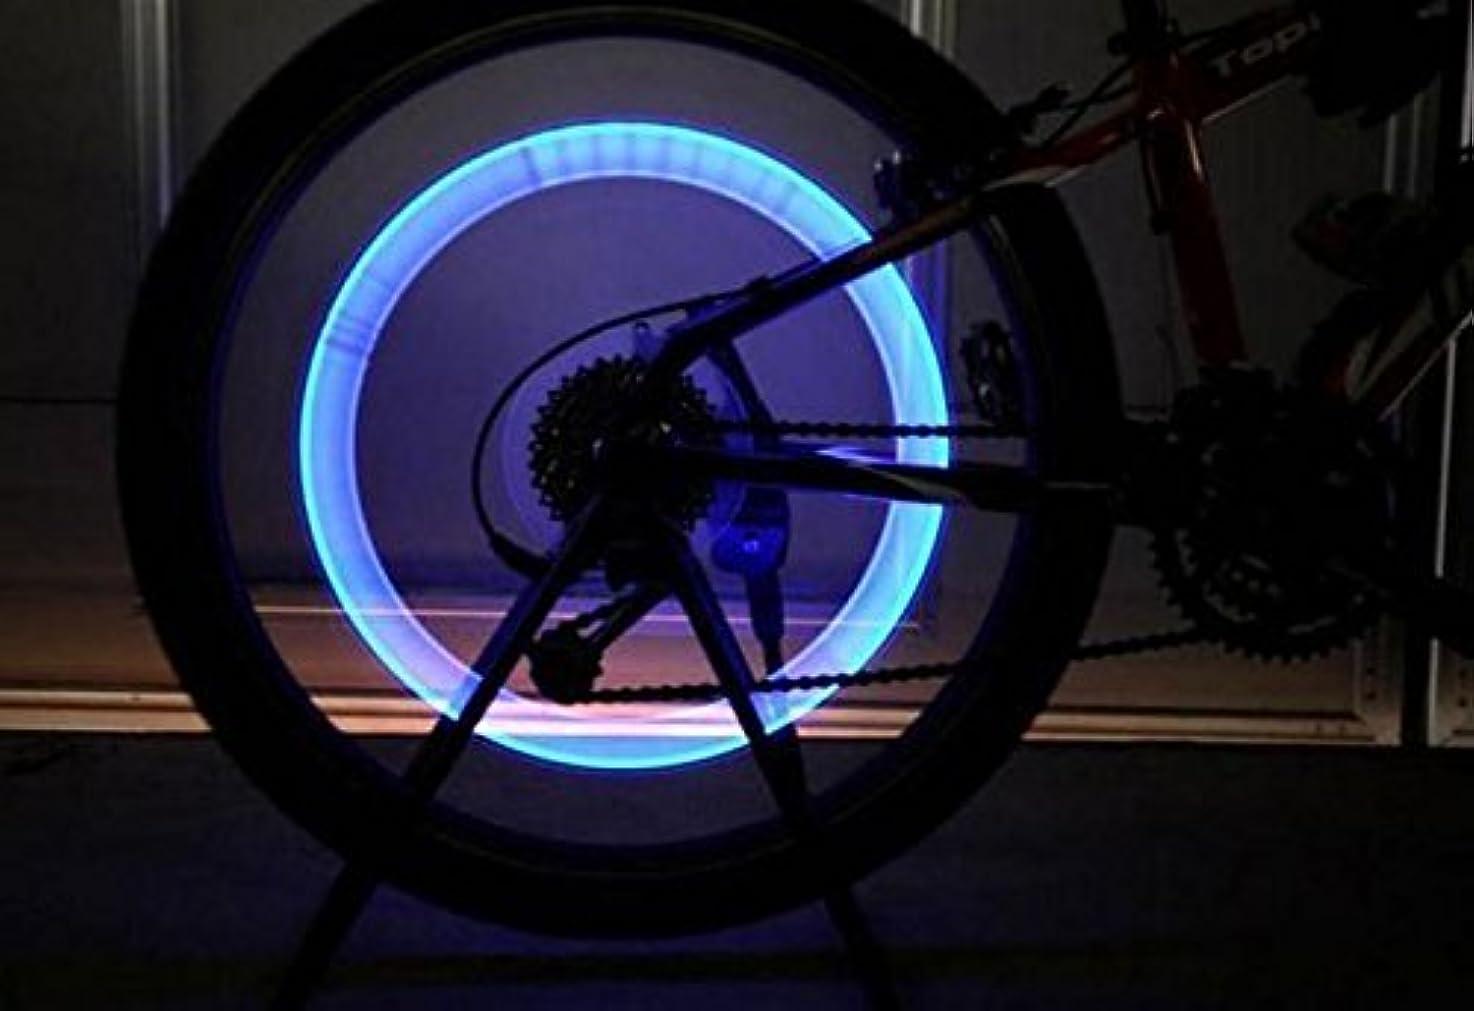 誇張するリーガン医薬自転車 LED ホイールライト 2個 レインボーカラー【オータムキャンペーンにつき送料無料?】